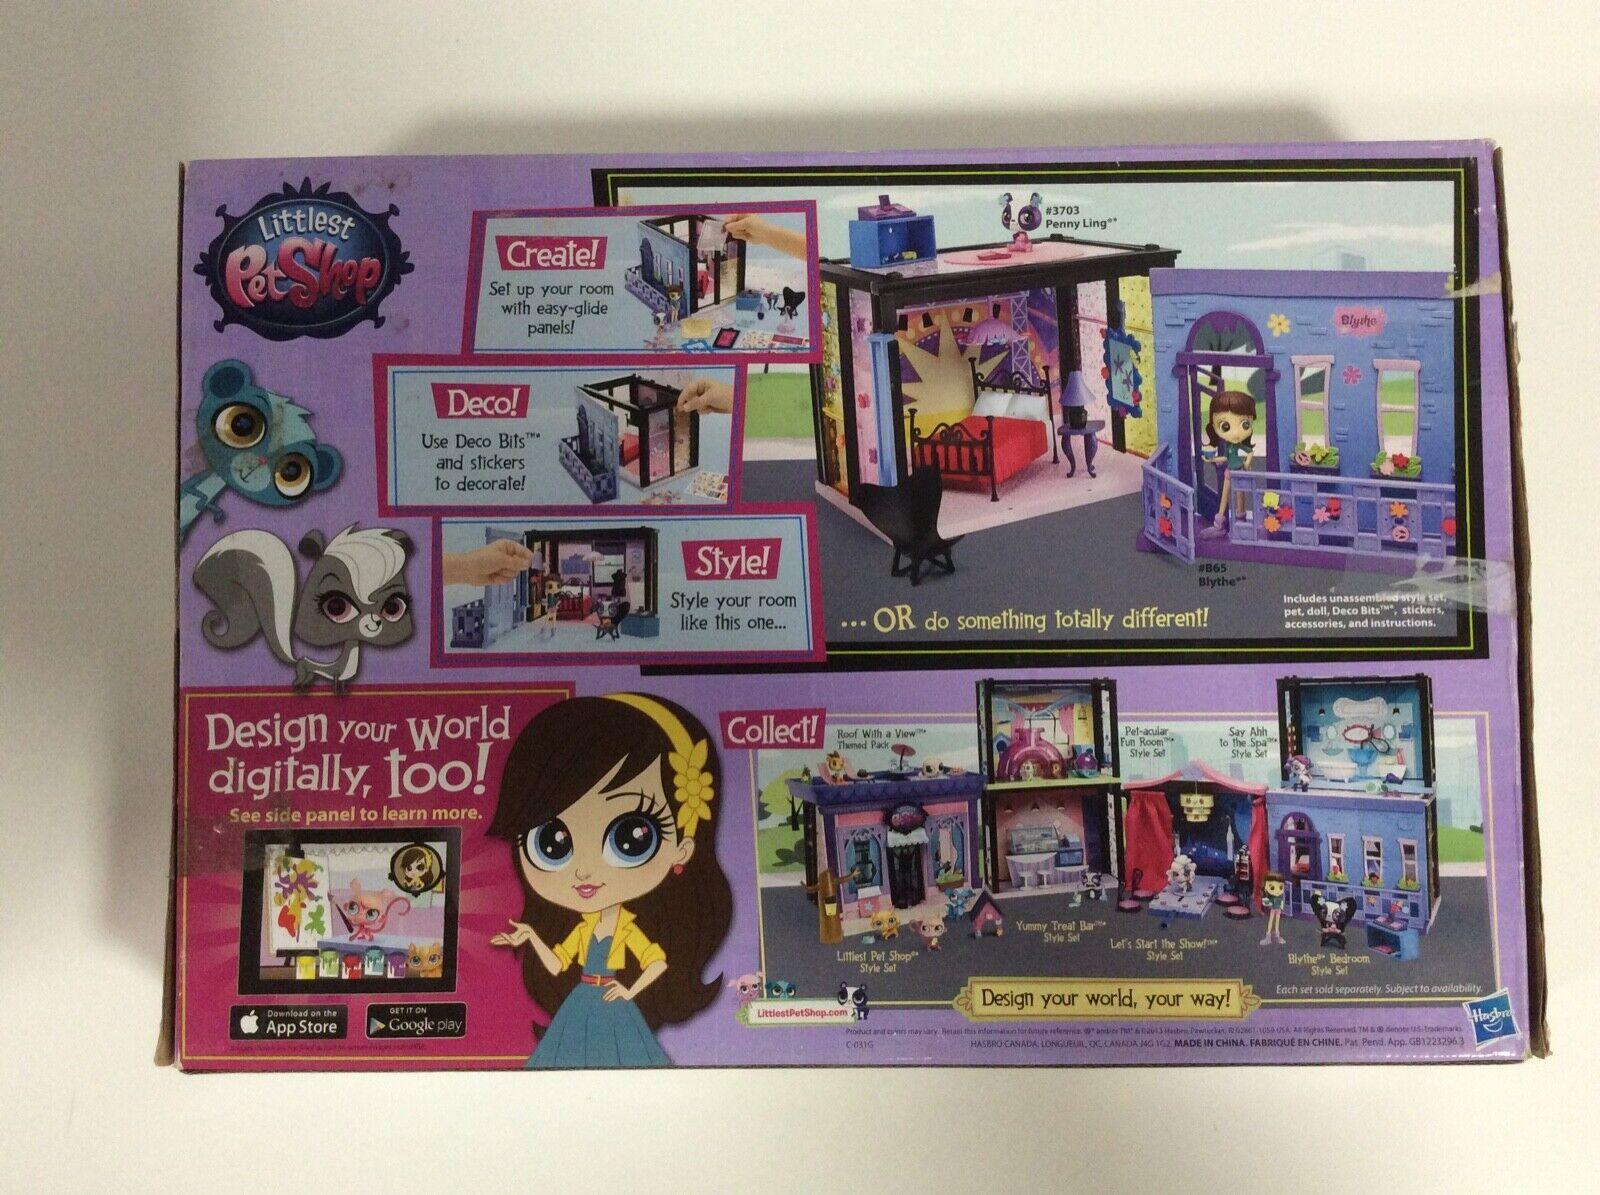 Kupit Littlest Pet Shop Blythe Bed Room Style Set B U Na Aukcion Iz Ameriki S Dostavkoj V Rossiyu Ukrainu Kazahstan